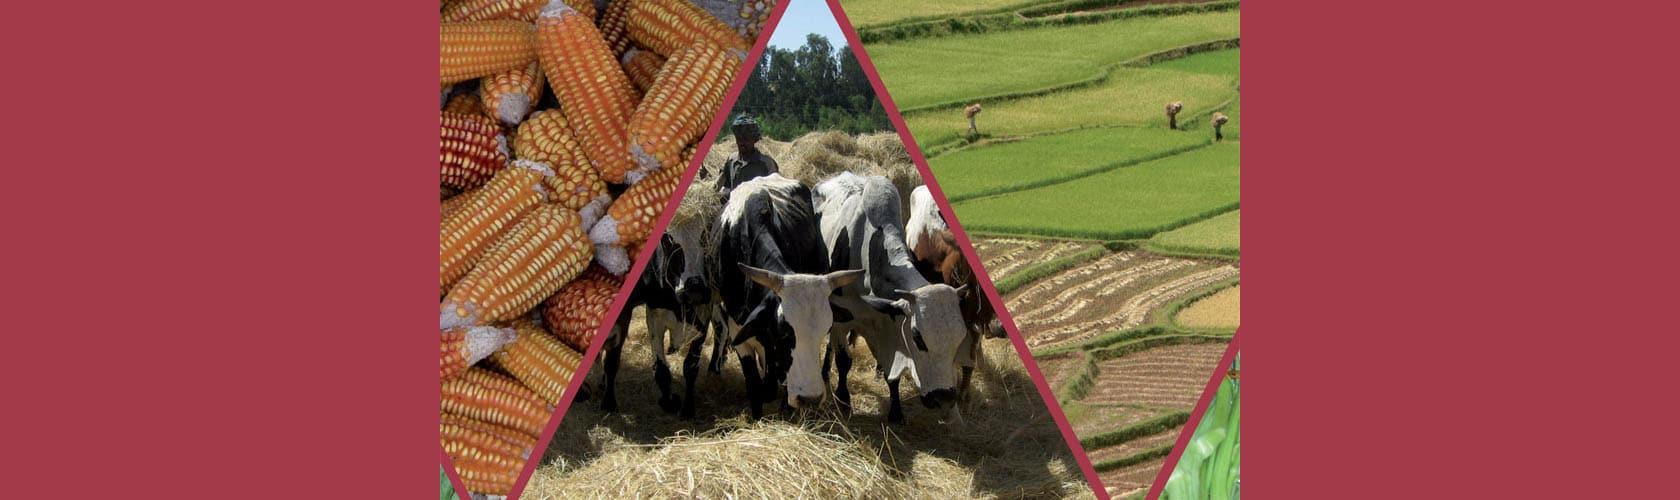 Revue Cahiers Agricultures : Les agricultures face au changement climatique